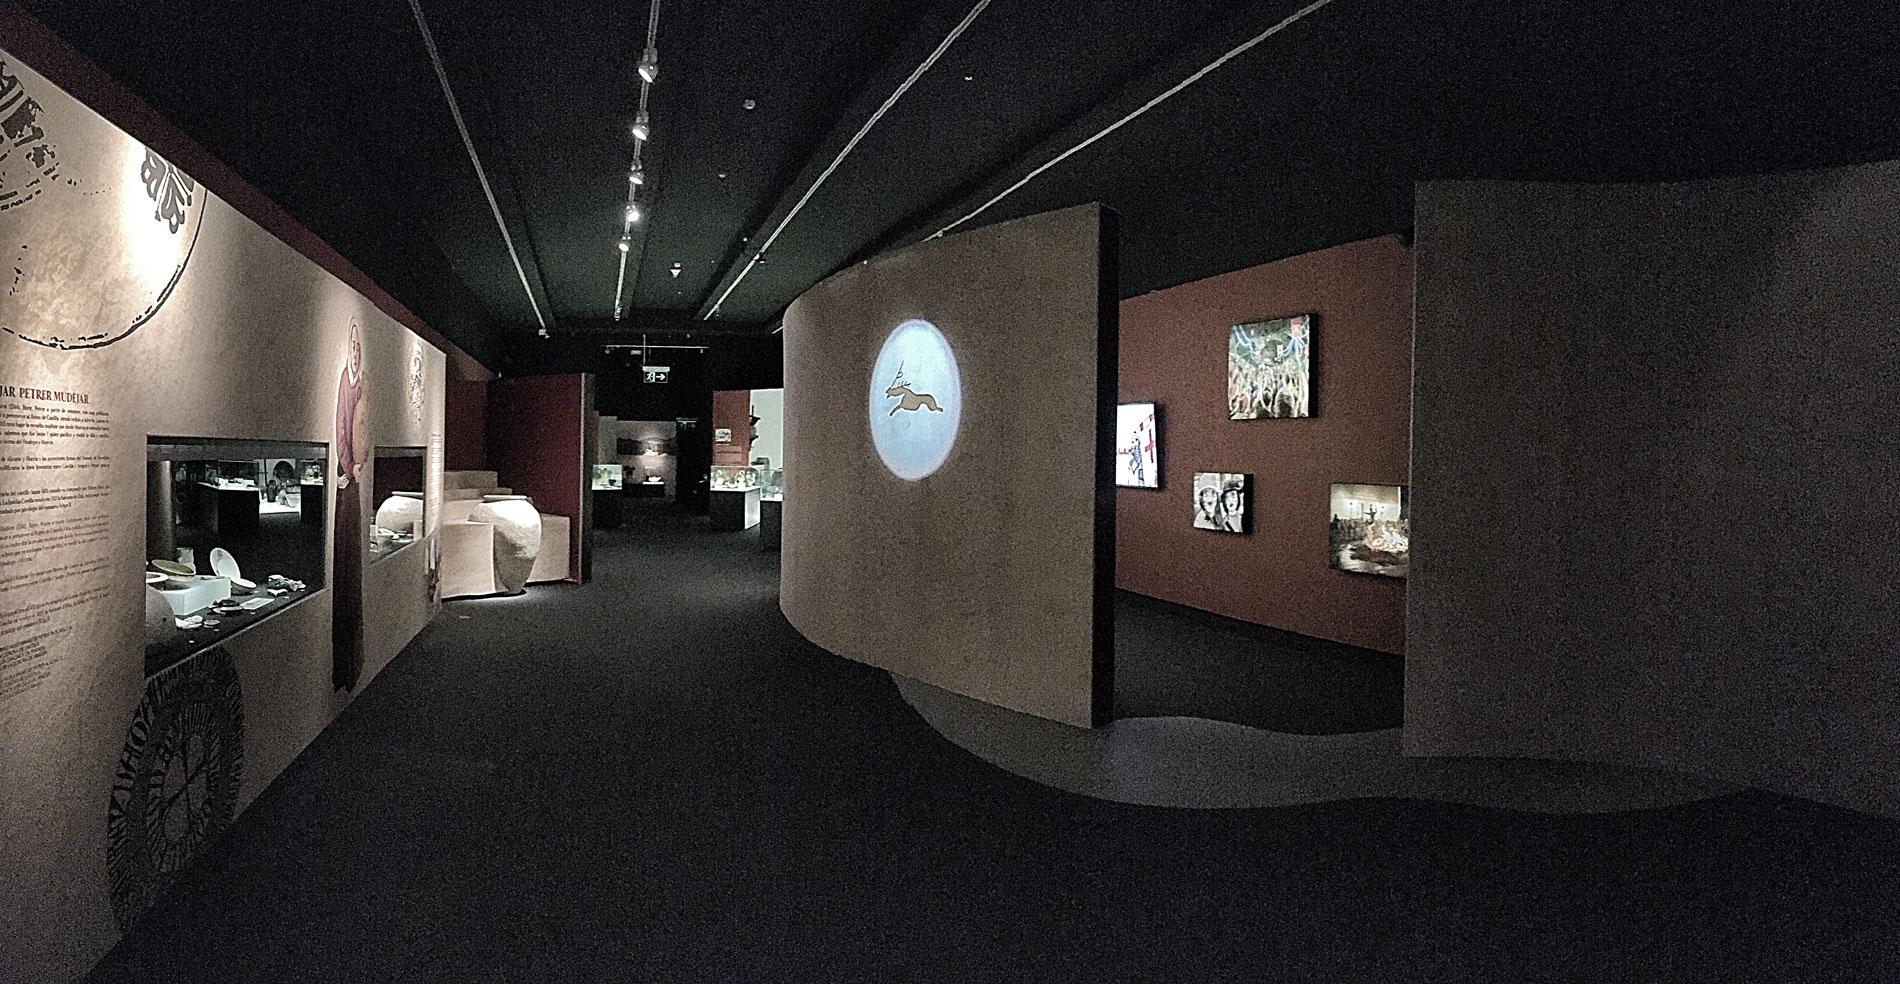 Sala 2 de la exposición de Petrer, arqueología y museo